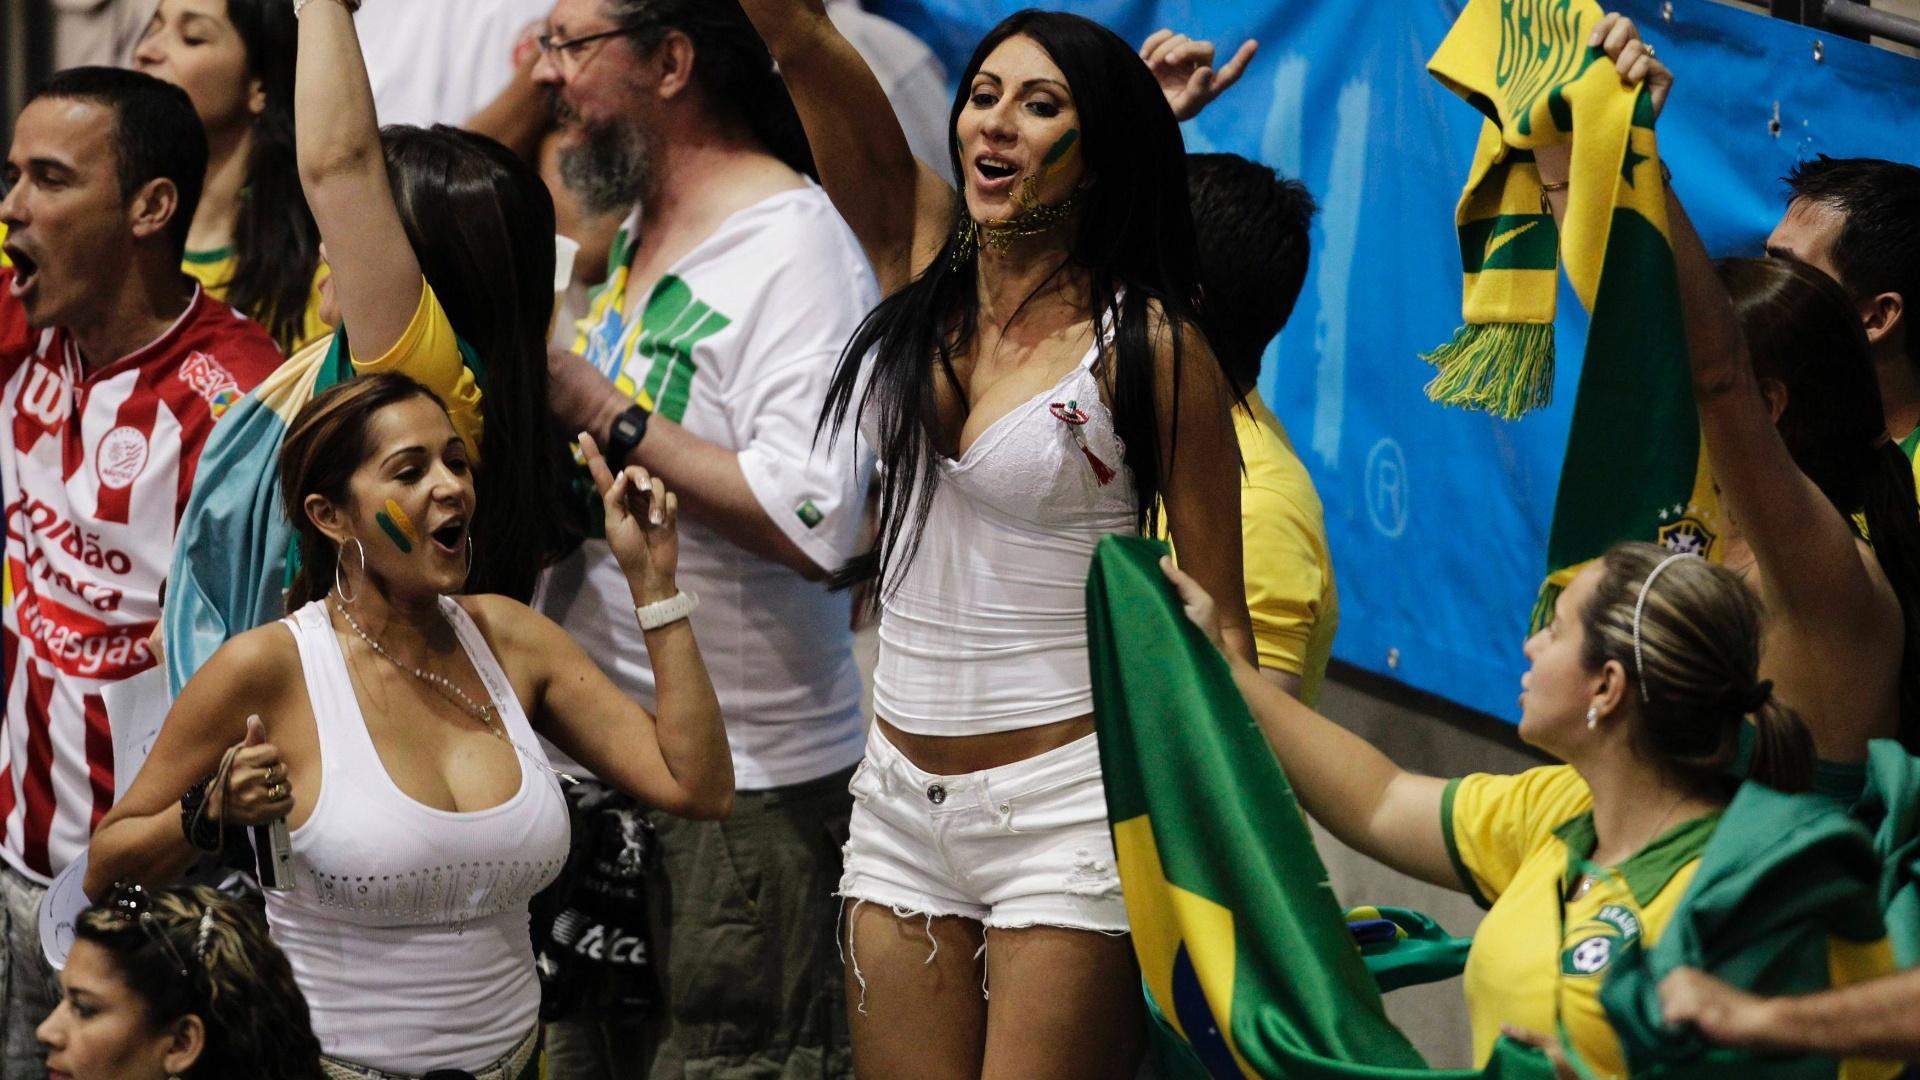 Torcedora comemora a vitória do Brasil sobre Cuba no vôlei masculino